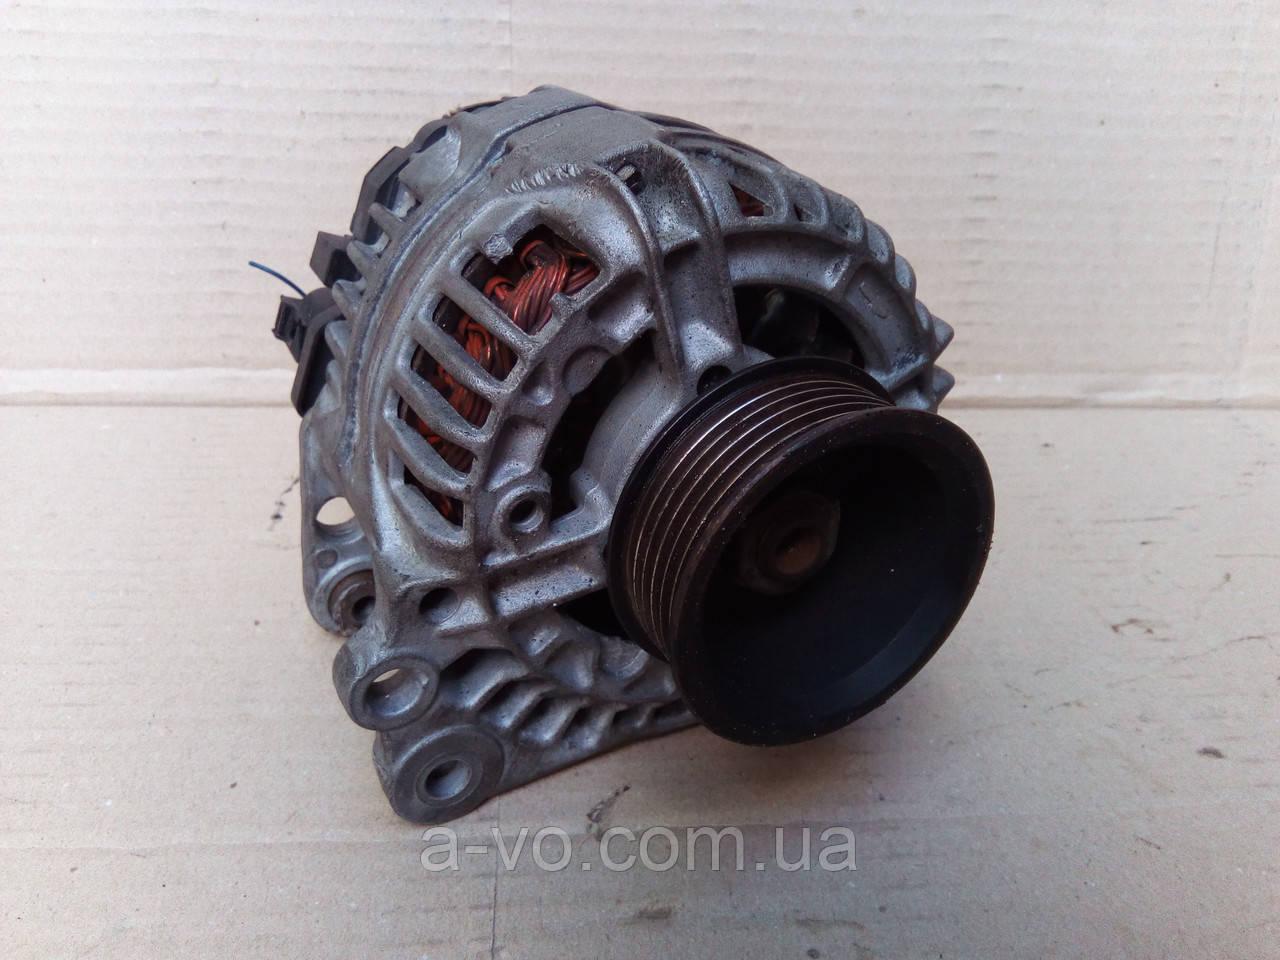 Генератор для Volkswagen T4 LT 35 2.5TDi Bosch 90A 0124325004 074903025K